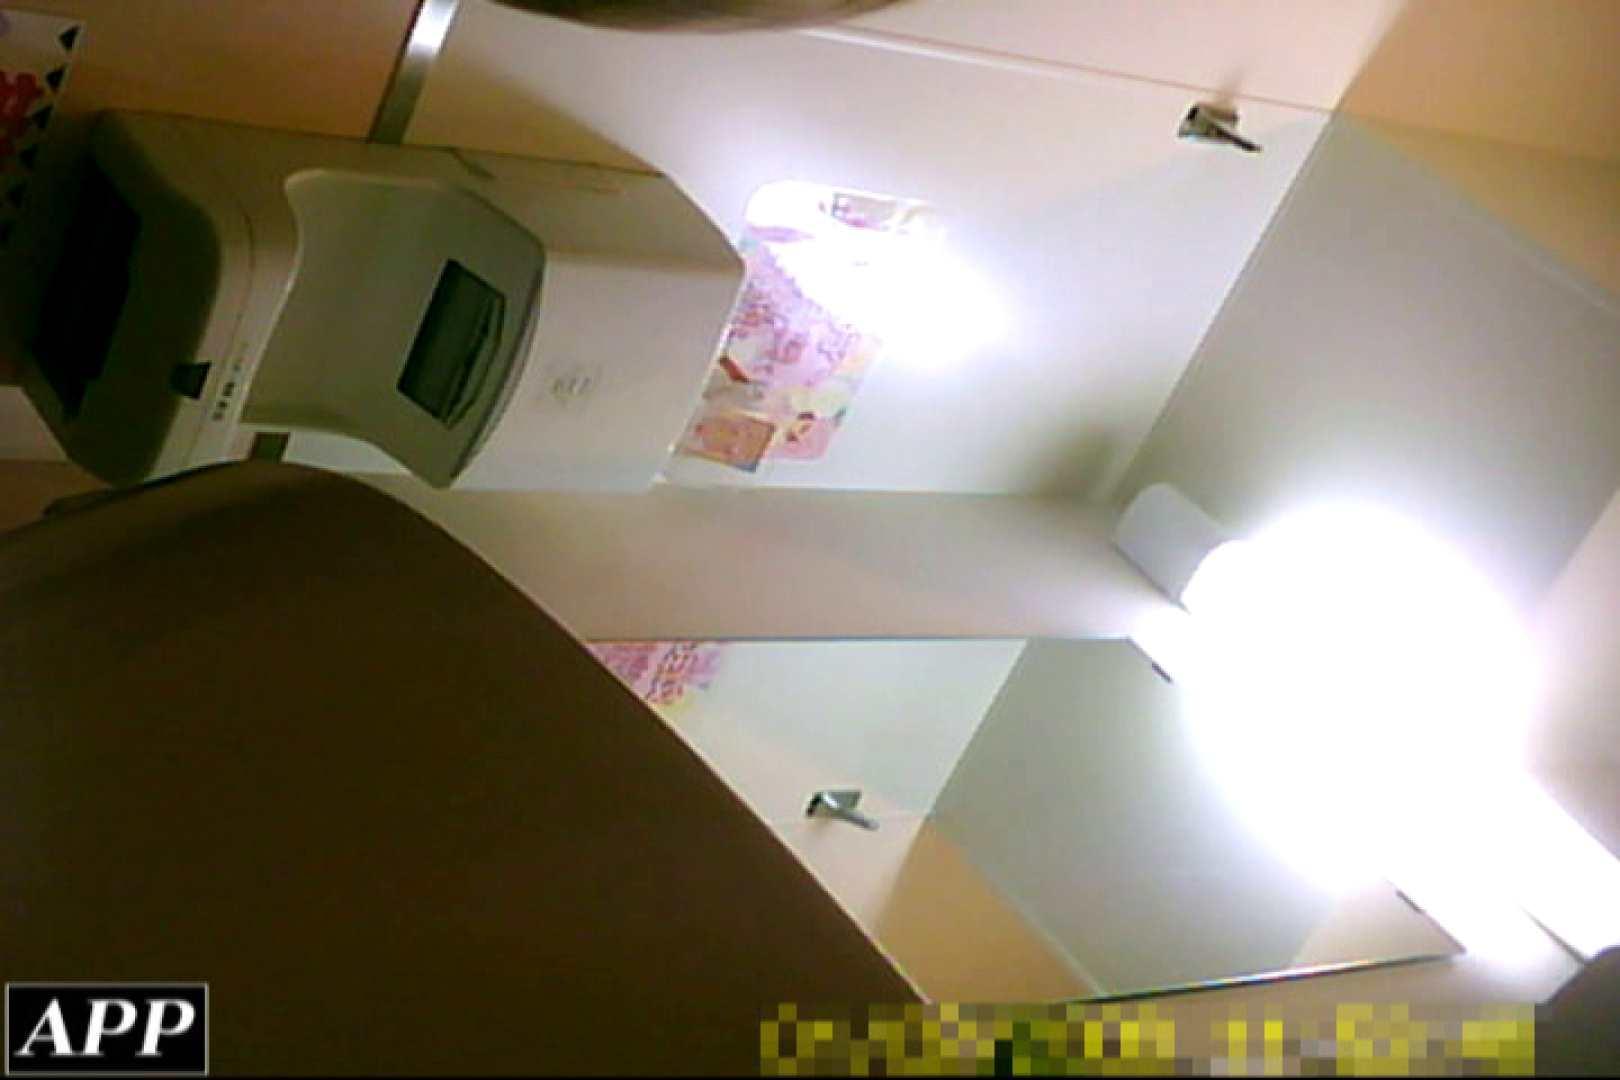 3視点洗面所 vol.08 丸見え AV無料動画キャプチャ 84枚 72